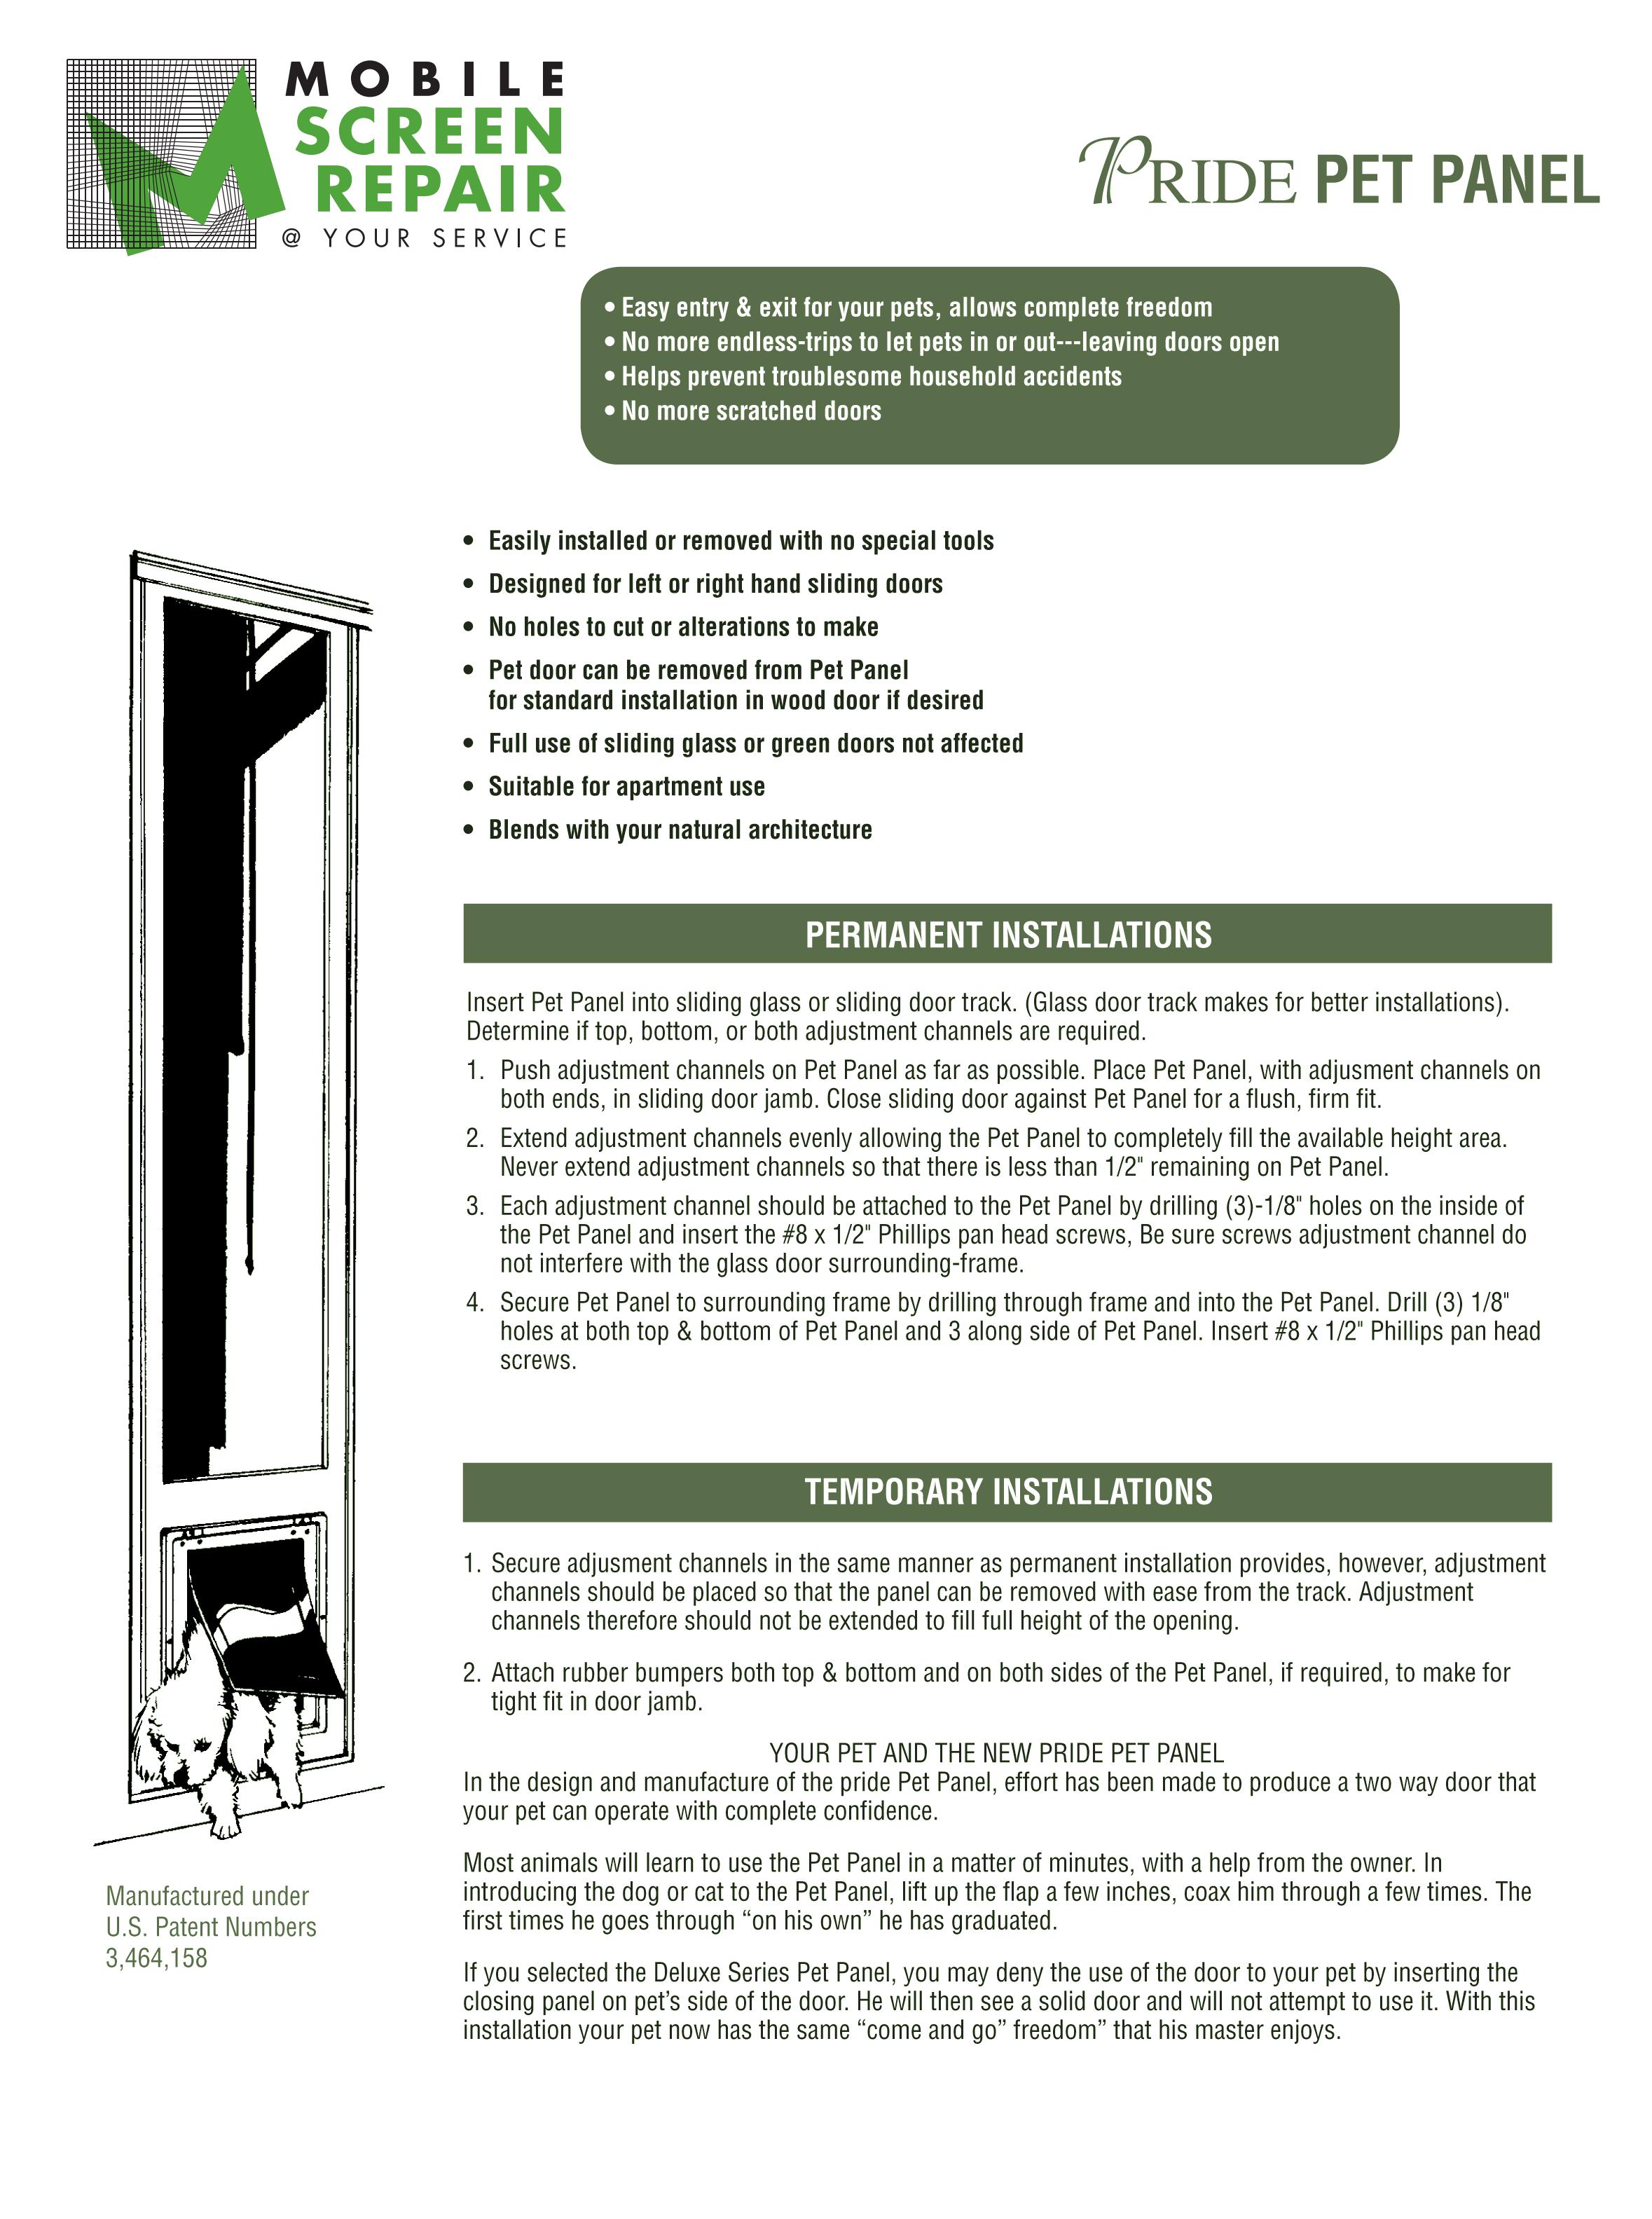 Doggie Door Installation Mobile Screen Repair